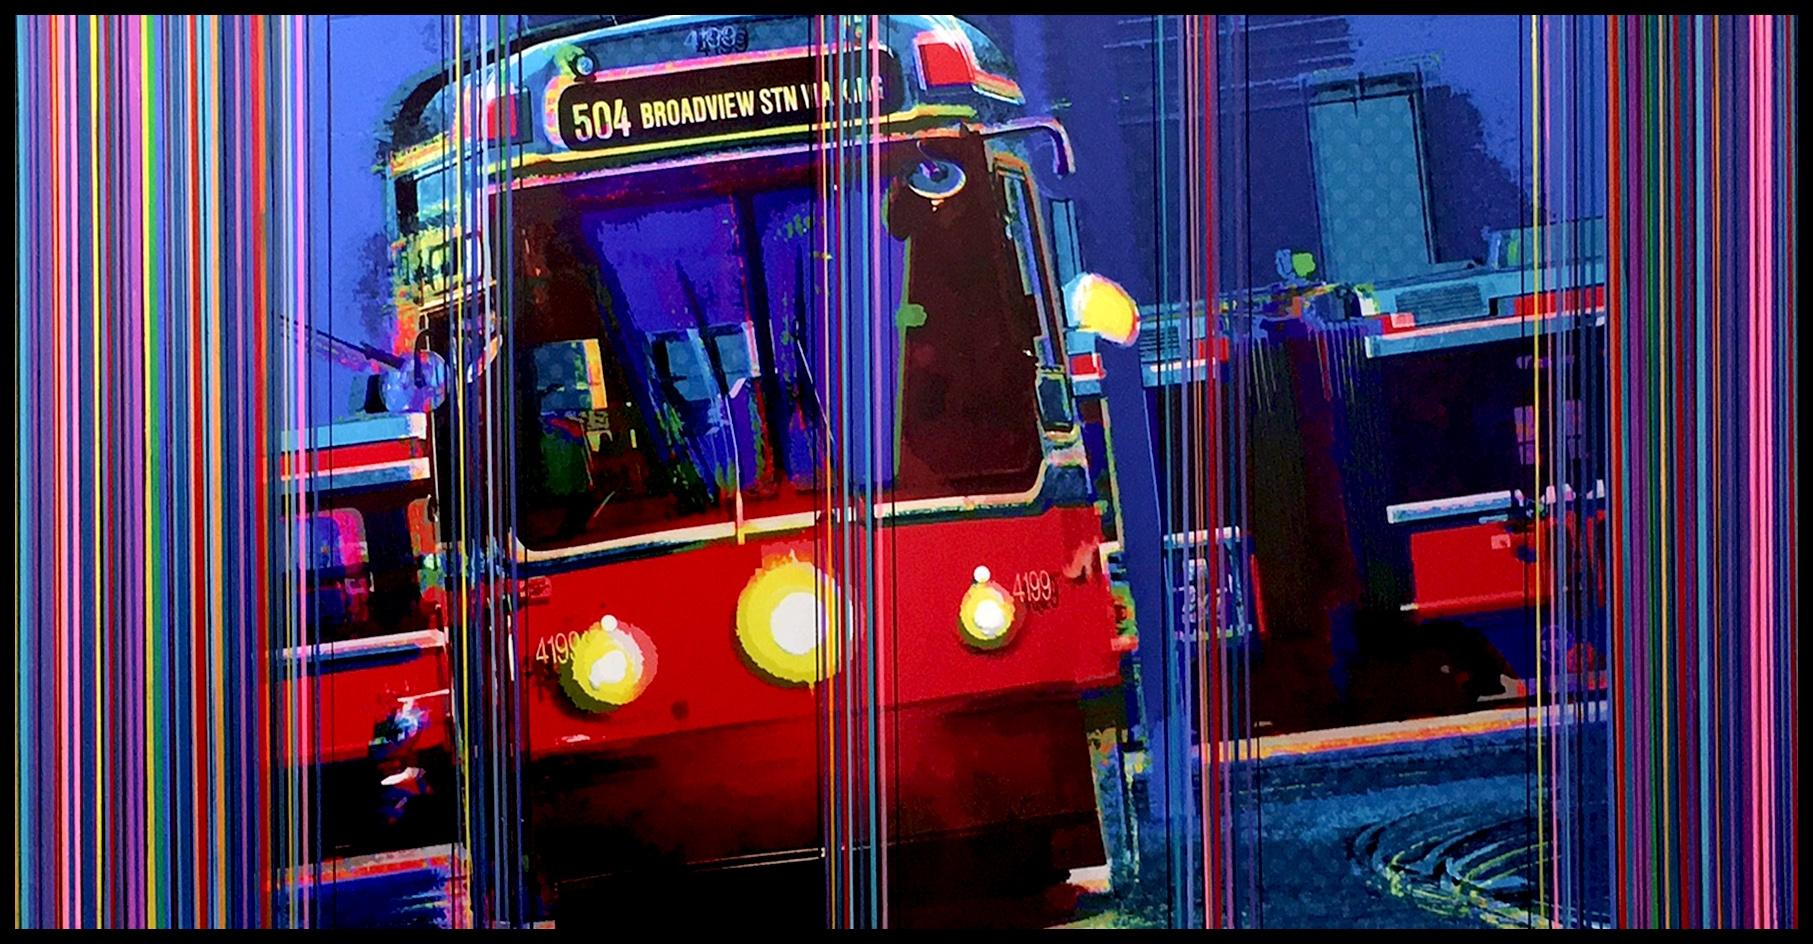 504 Electric Broadview  by Jamie MacRae